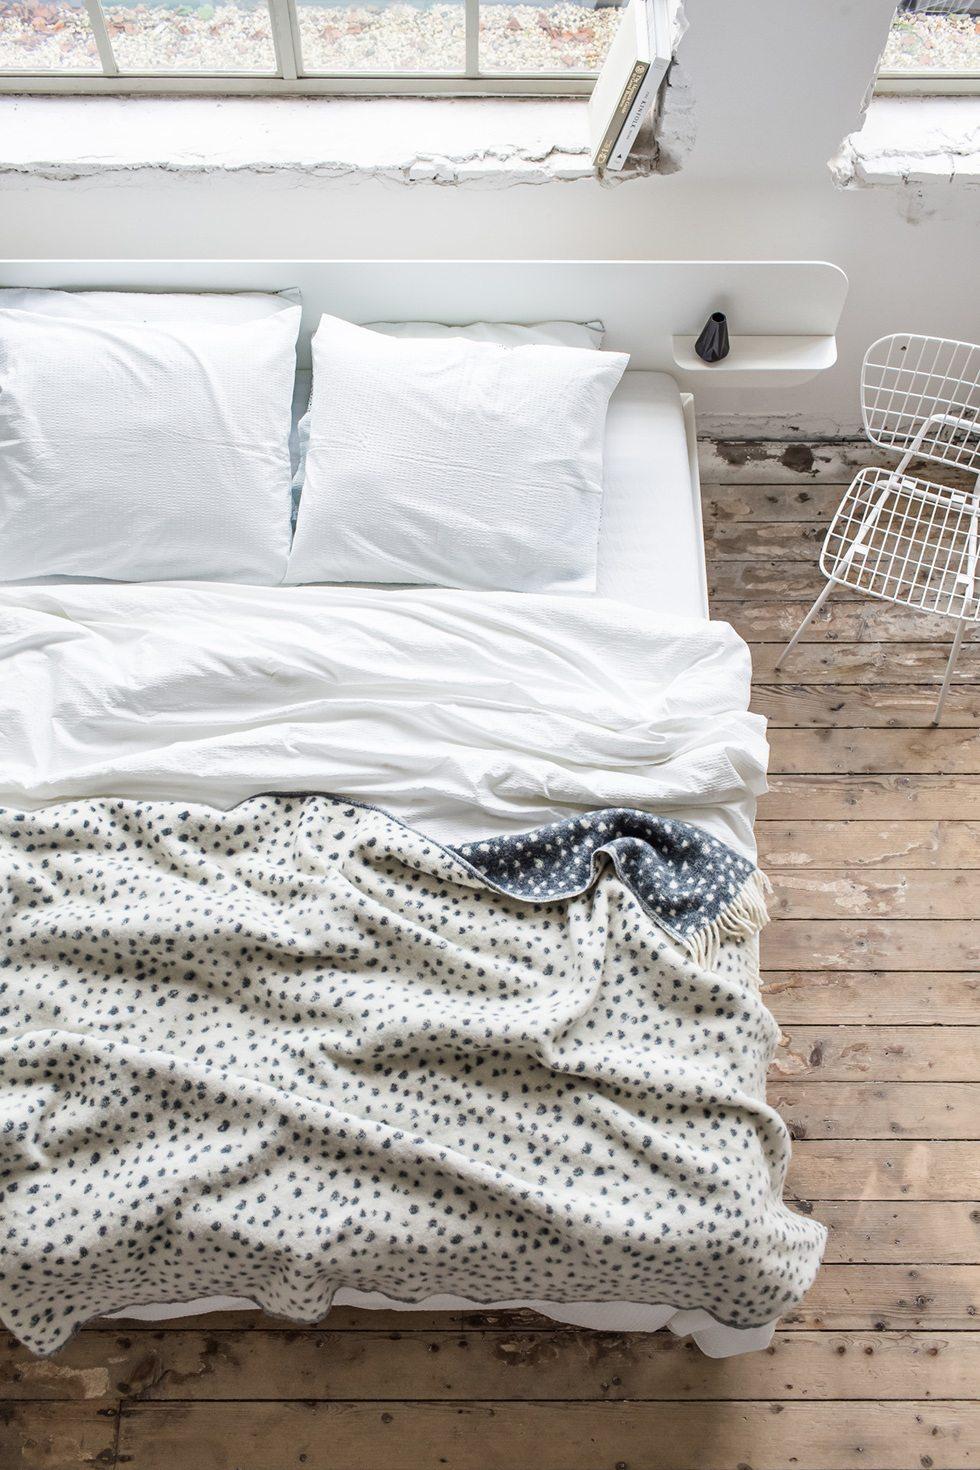 Mönstrat överkast på säng med vita sängkläder – Husligheter